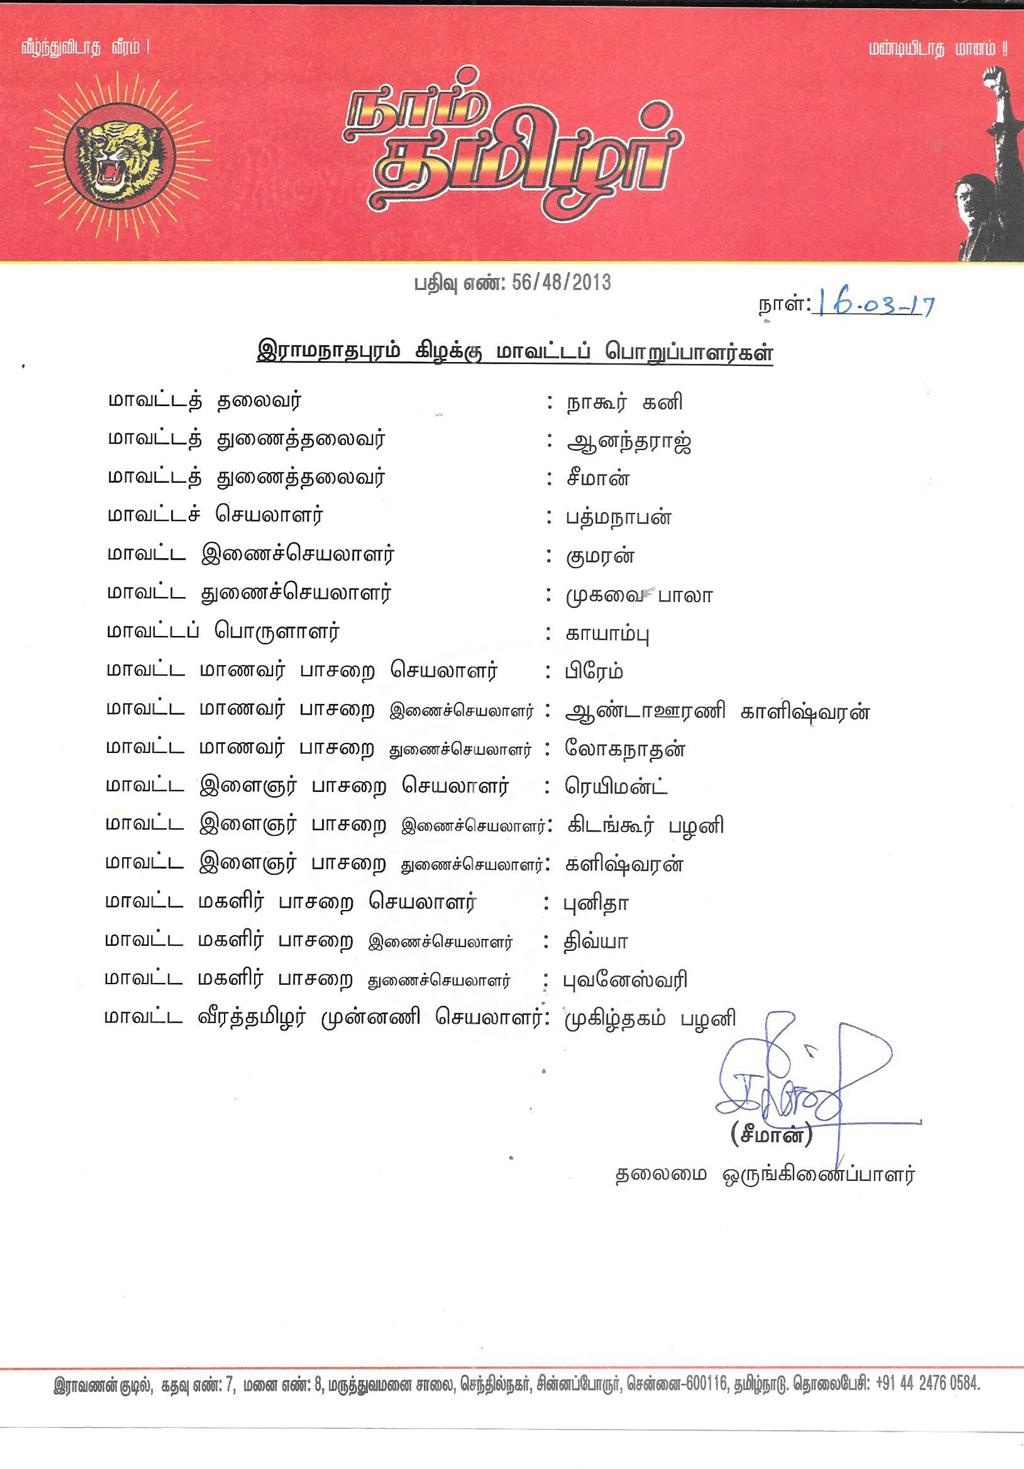 16-03-2017 இராமநாதபுரம் மாவட்டப் பொறுப்பாளர்கள் – தலைமை அறிவிப்பு ramanathapuram east constituency